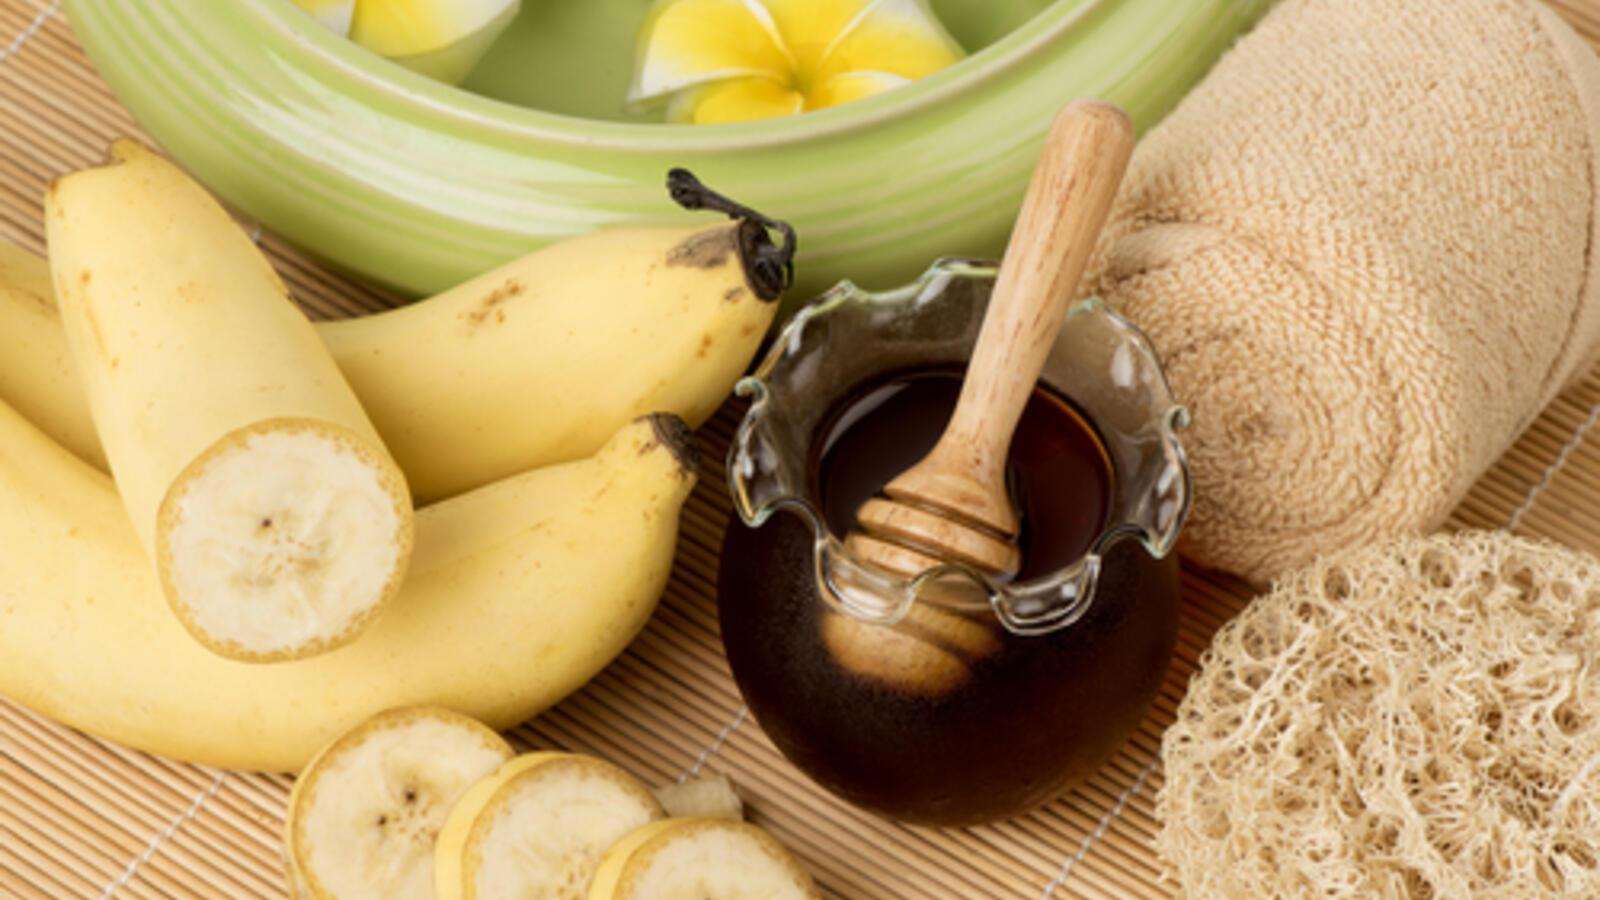 الزبادي والموز والعسل لترطيب الشعر